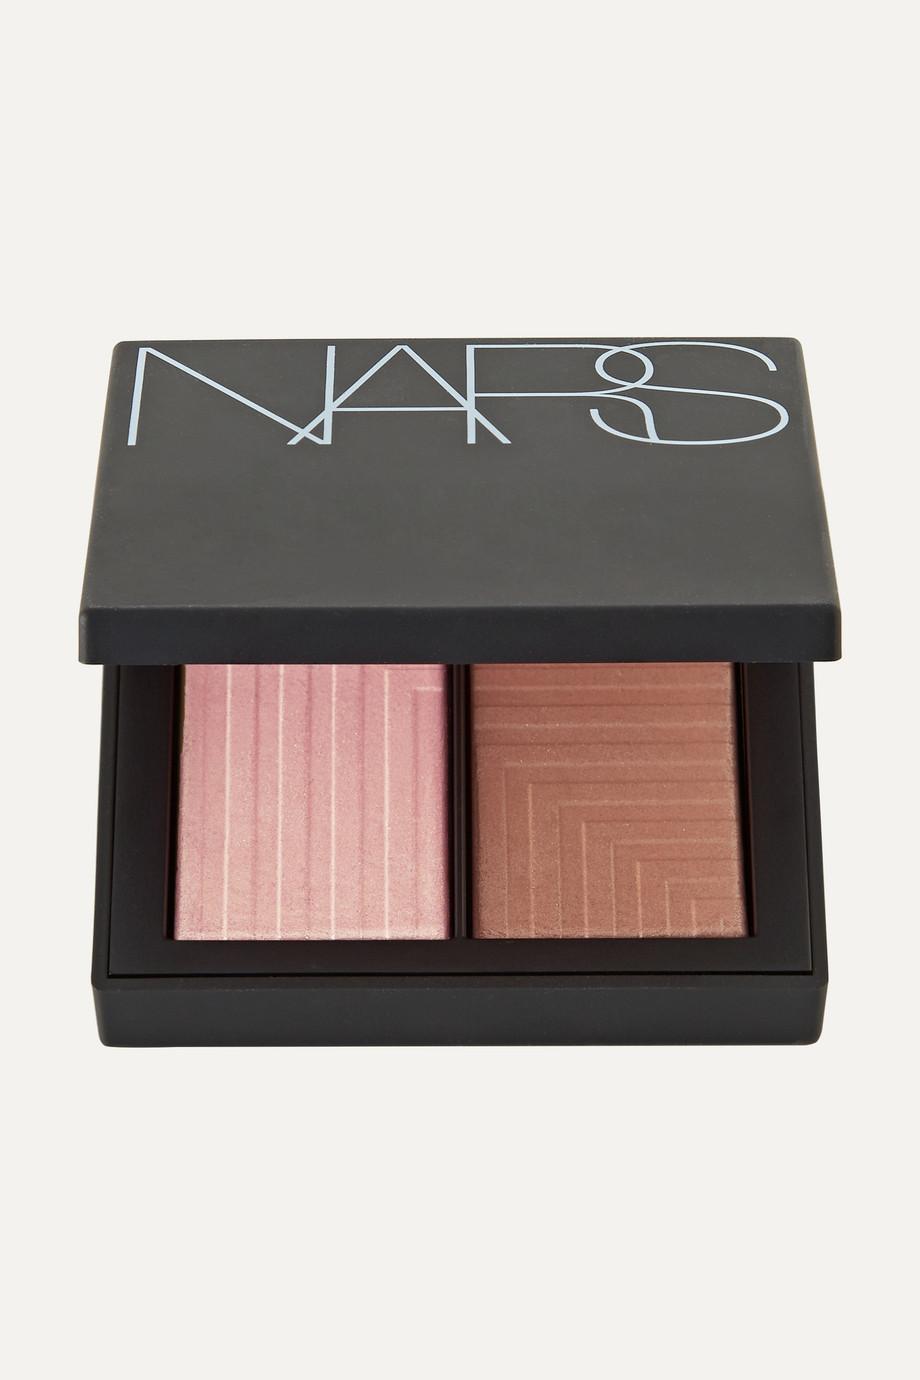 NARS Dual-Intensity Blush - Craving